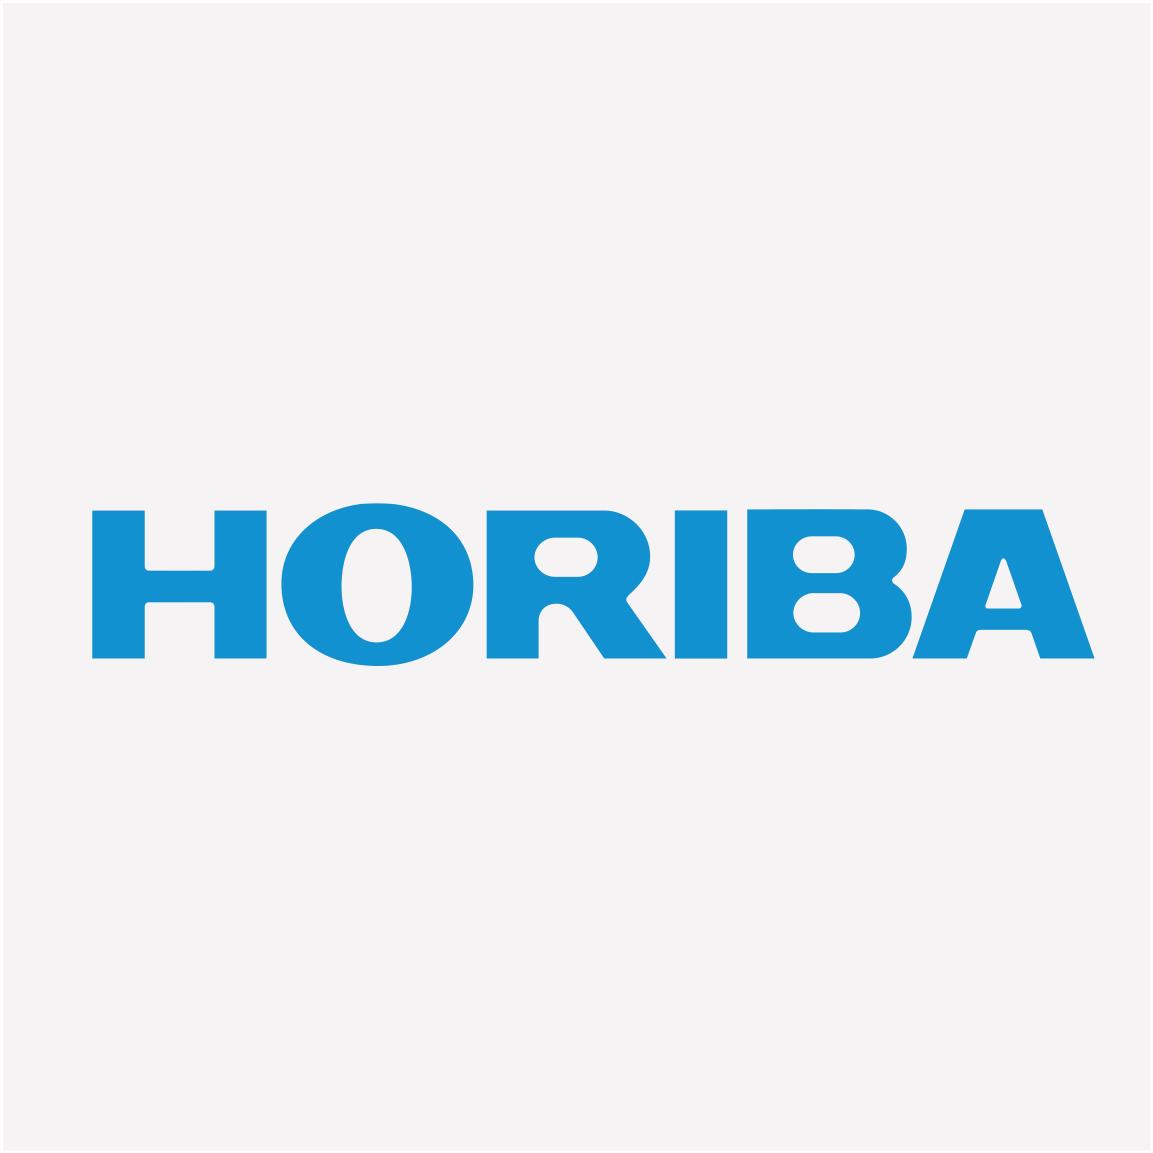 horiba_logo